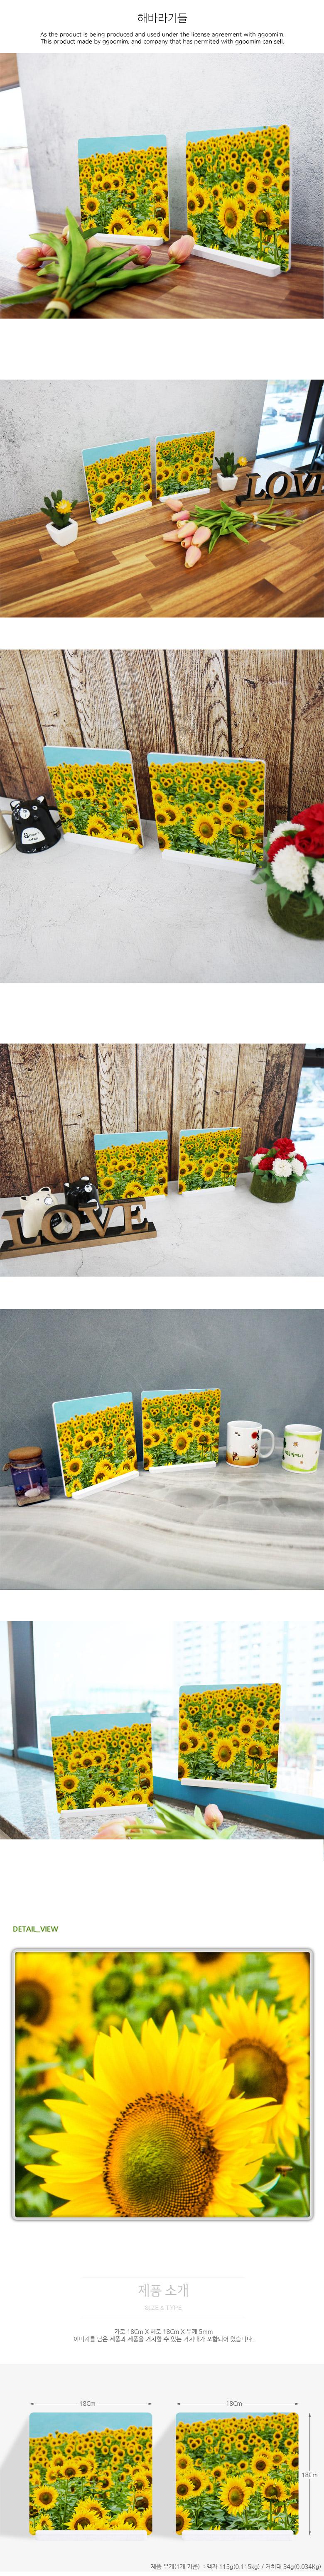 스탠드액자2P_해바라기들 - 꾸밈, 16,000원, 홈갤러리, 사진아트